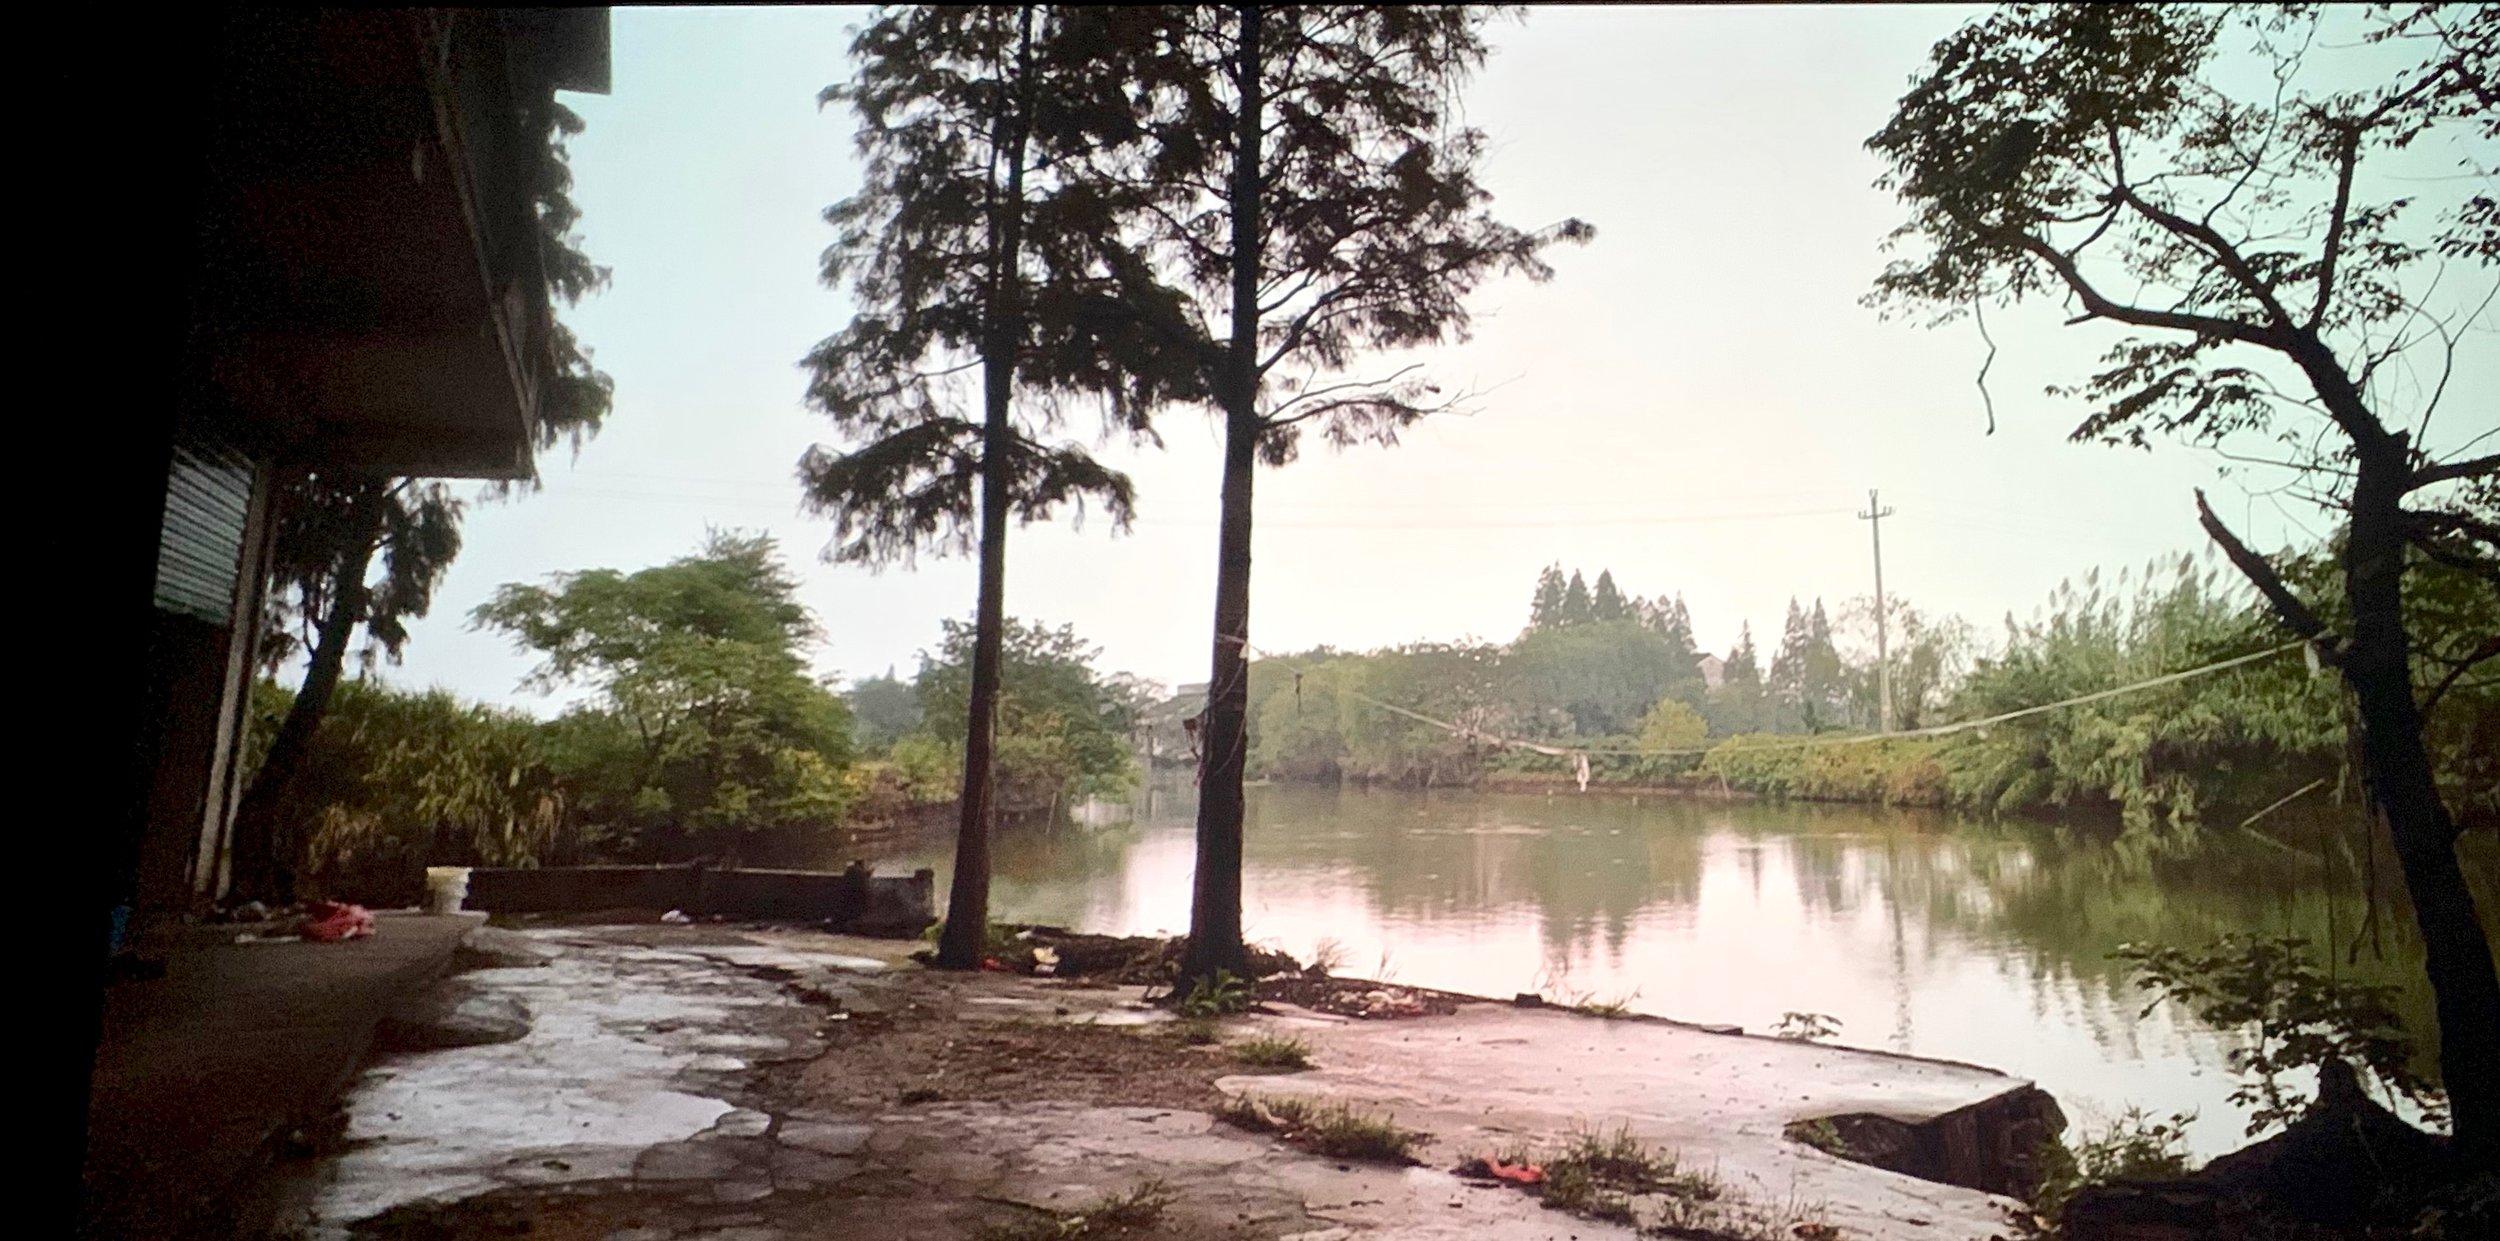 Mrs. Fang's village in southeastern Zhejiang province, China. Still from Wang Bing film  Fang Xiu Ying.